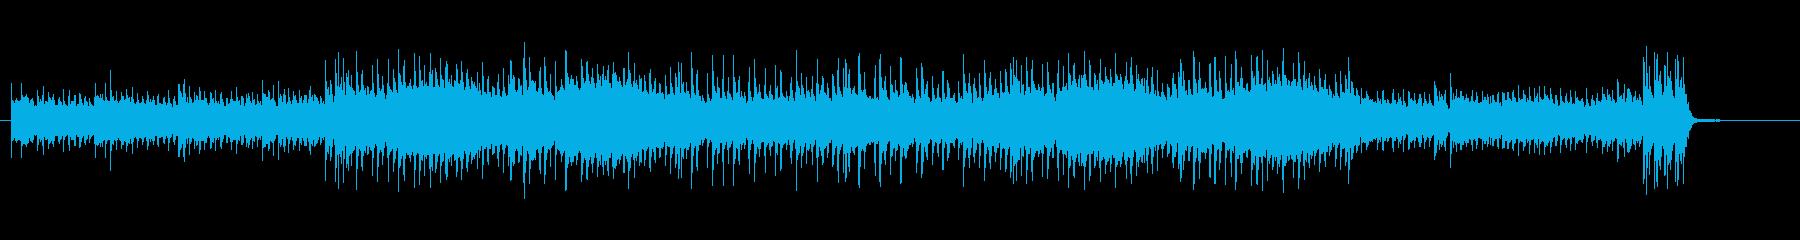 シリアスなイントロのポップ・ロック風の再生済みの波形